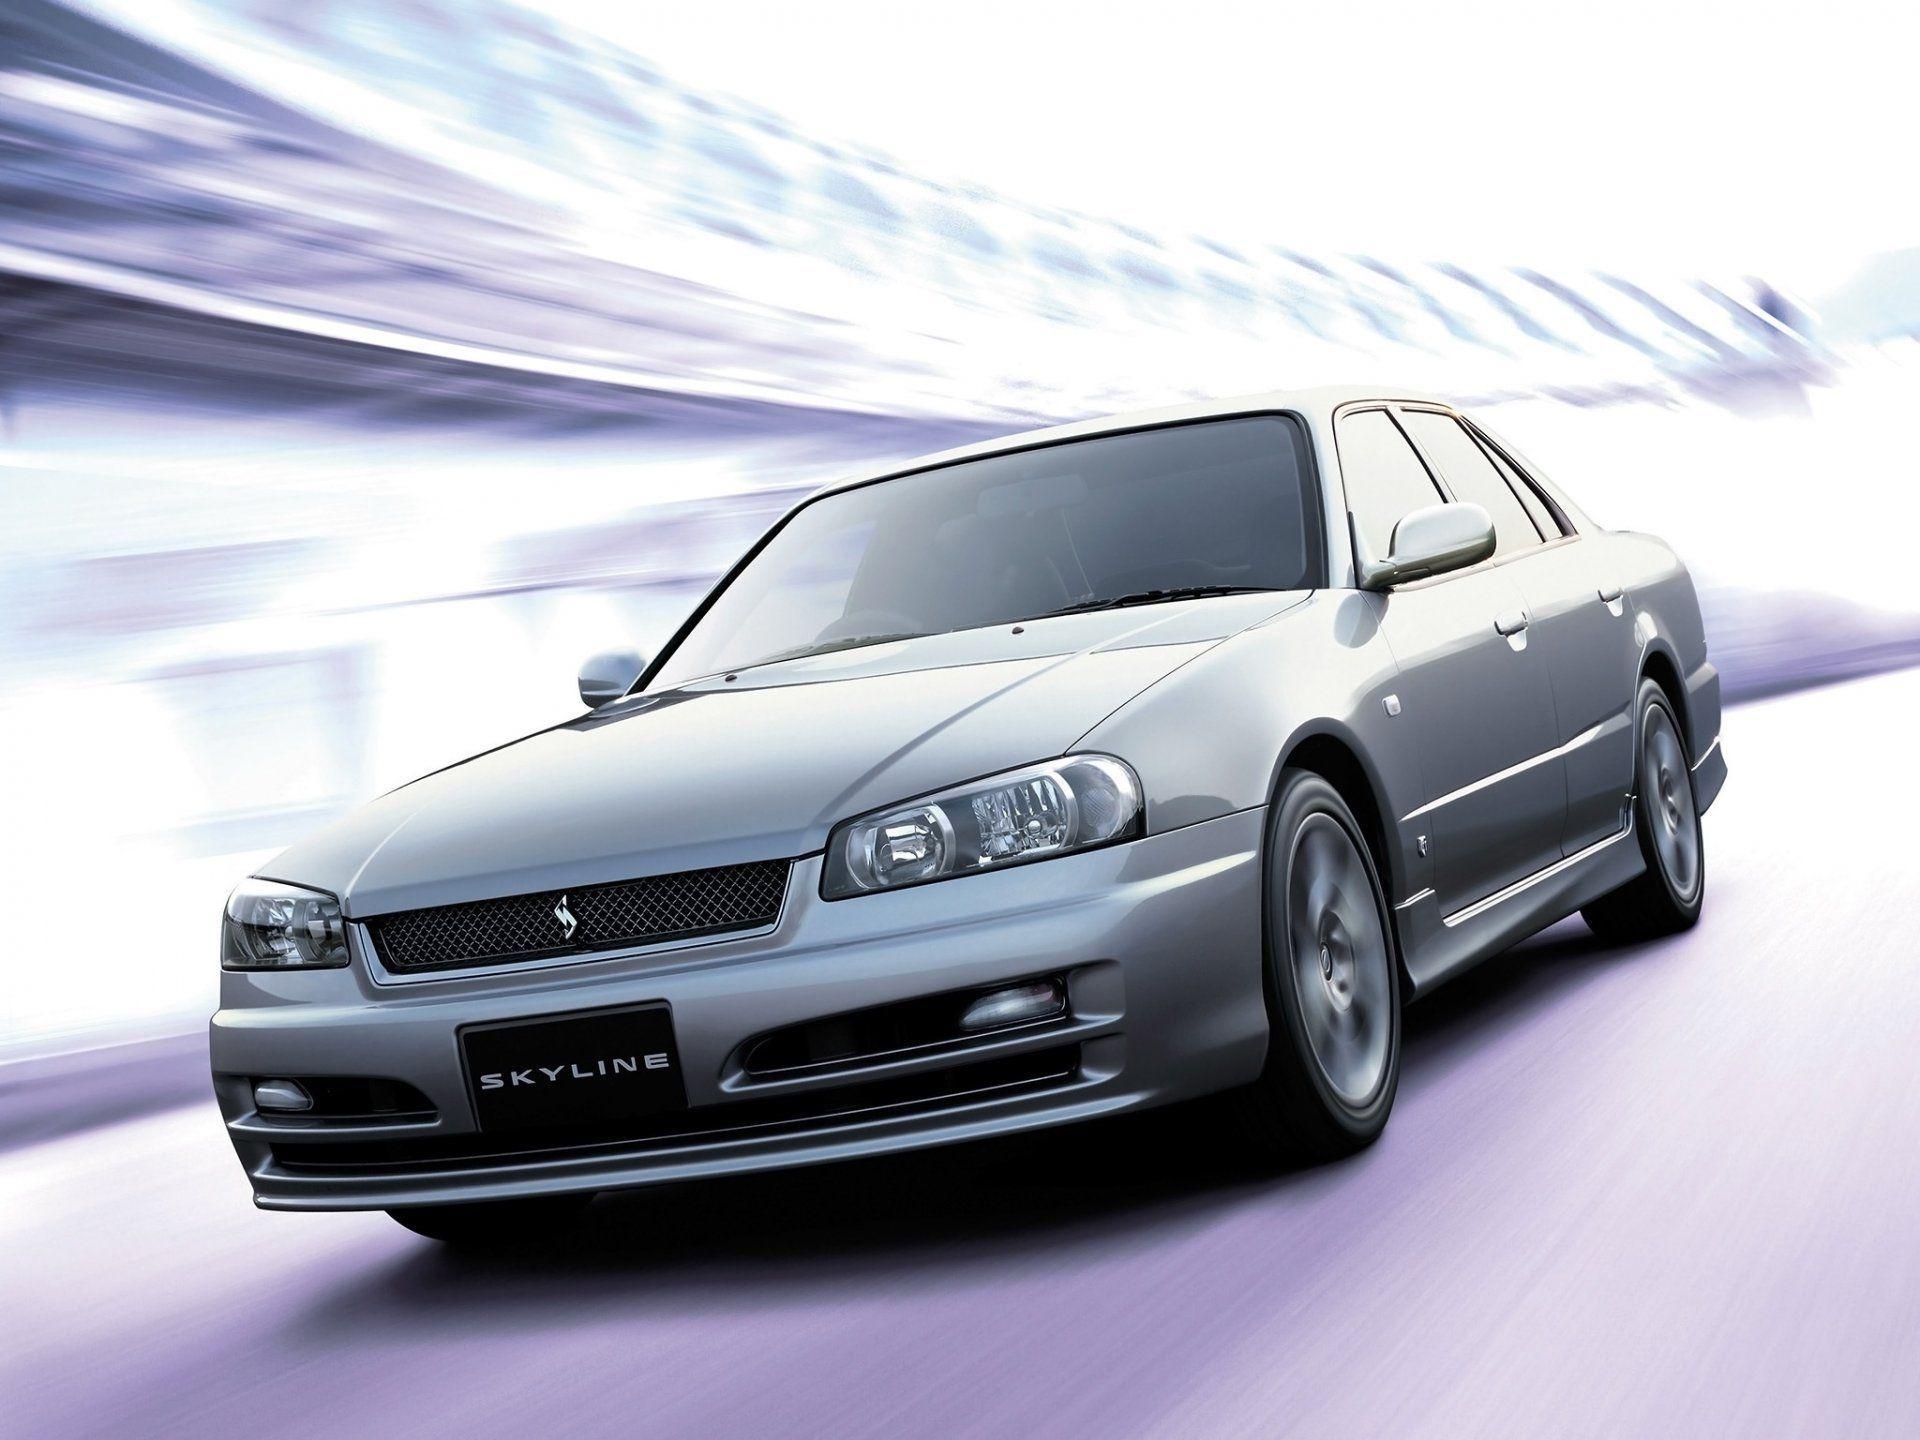 JDM Drift Wallpapers - Top Free JDM Drift Backgrounds ...